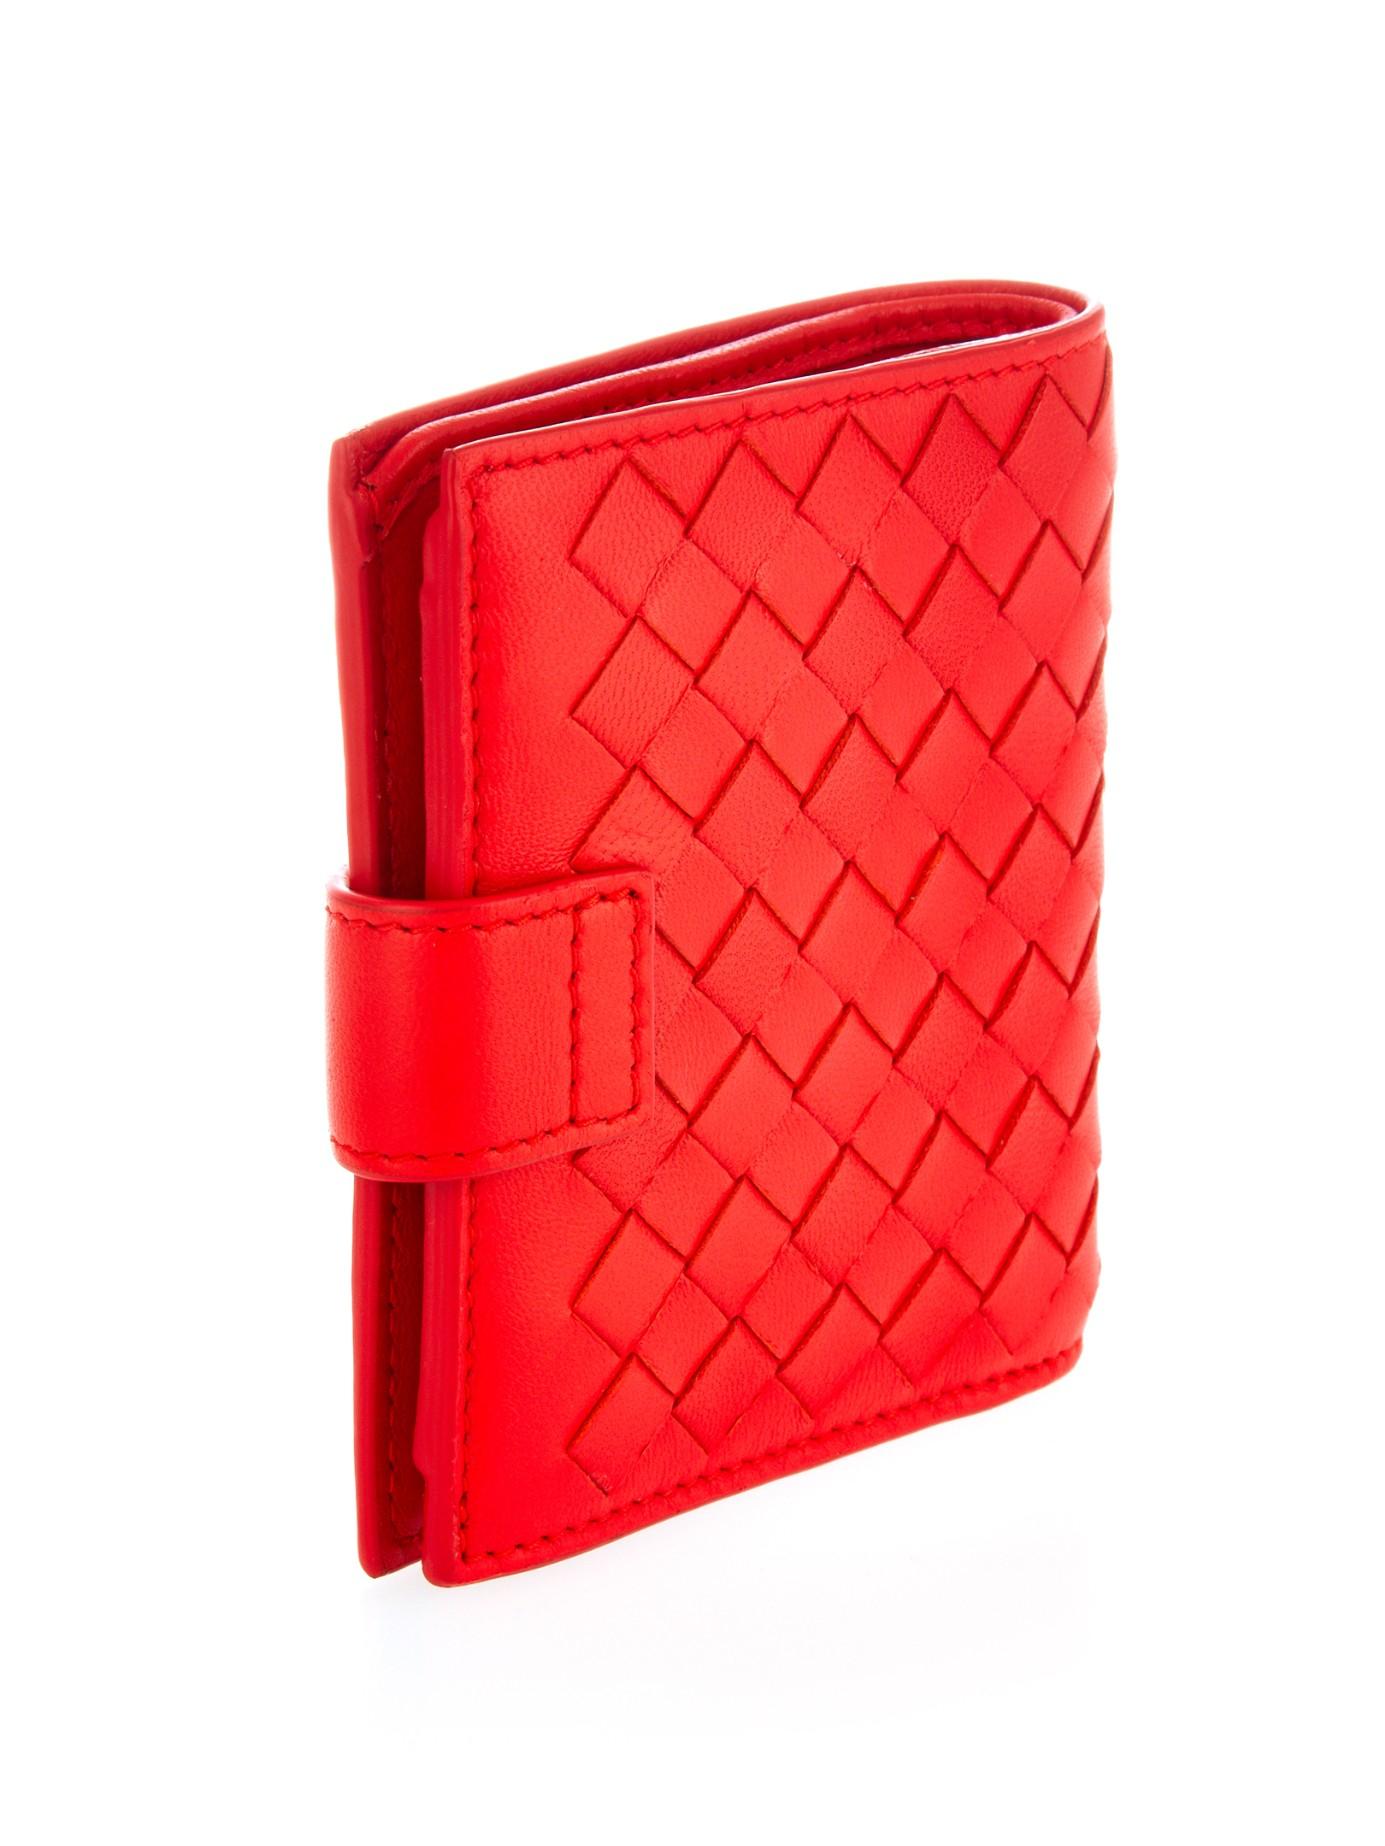 13929a30a24b Кошелек Женский Красный (50 фото) — Как выбрать, где купить